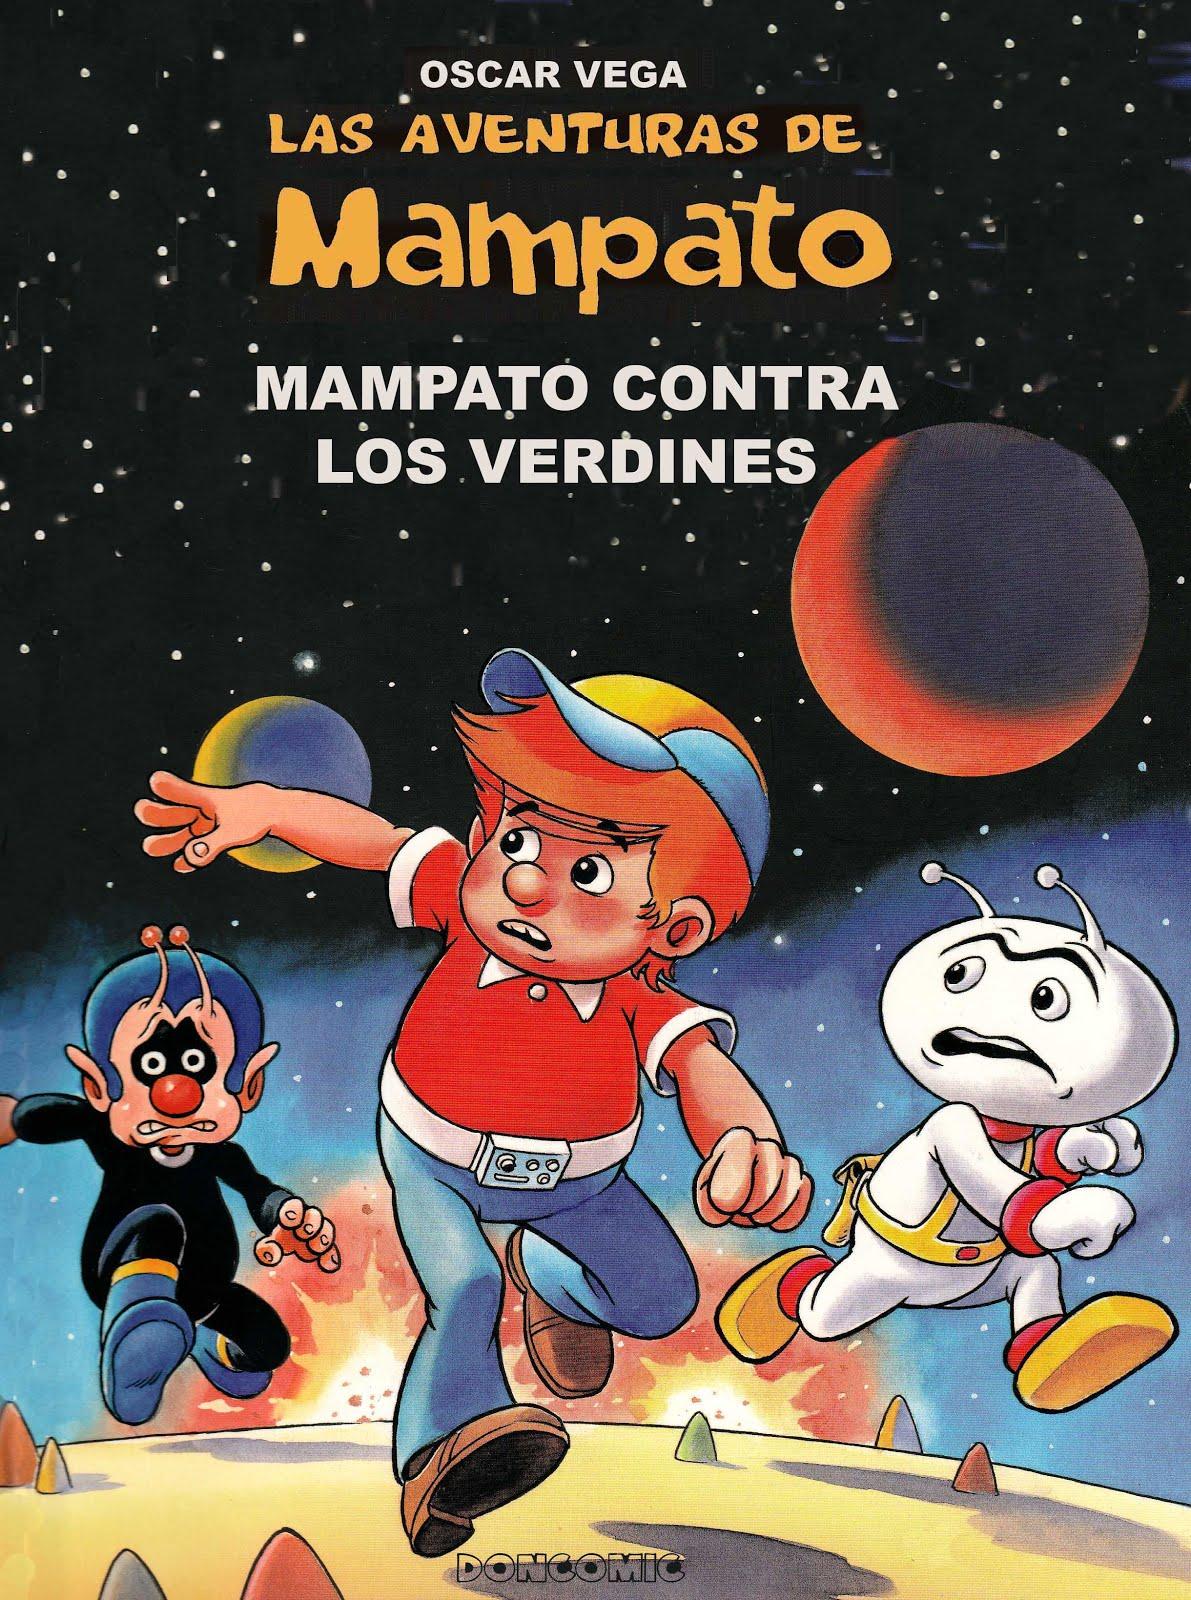 Las aventuras de Mampato: Escaneos de Doncomic